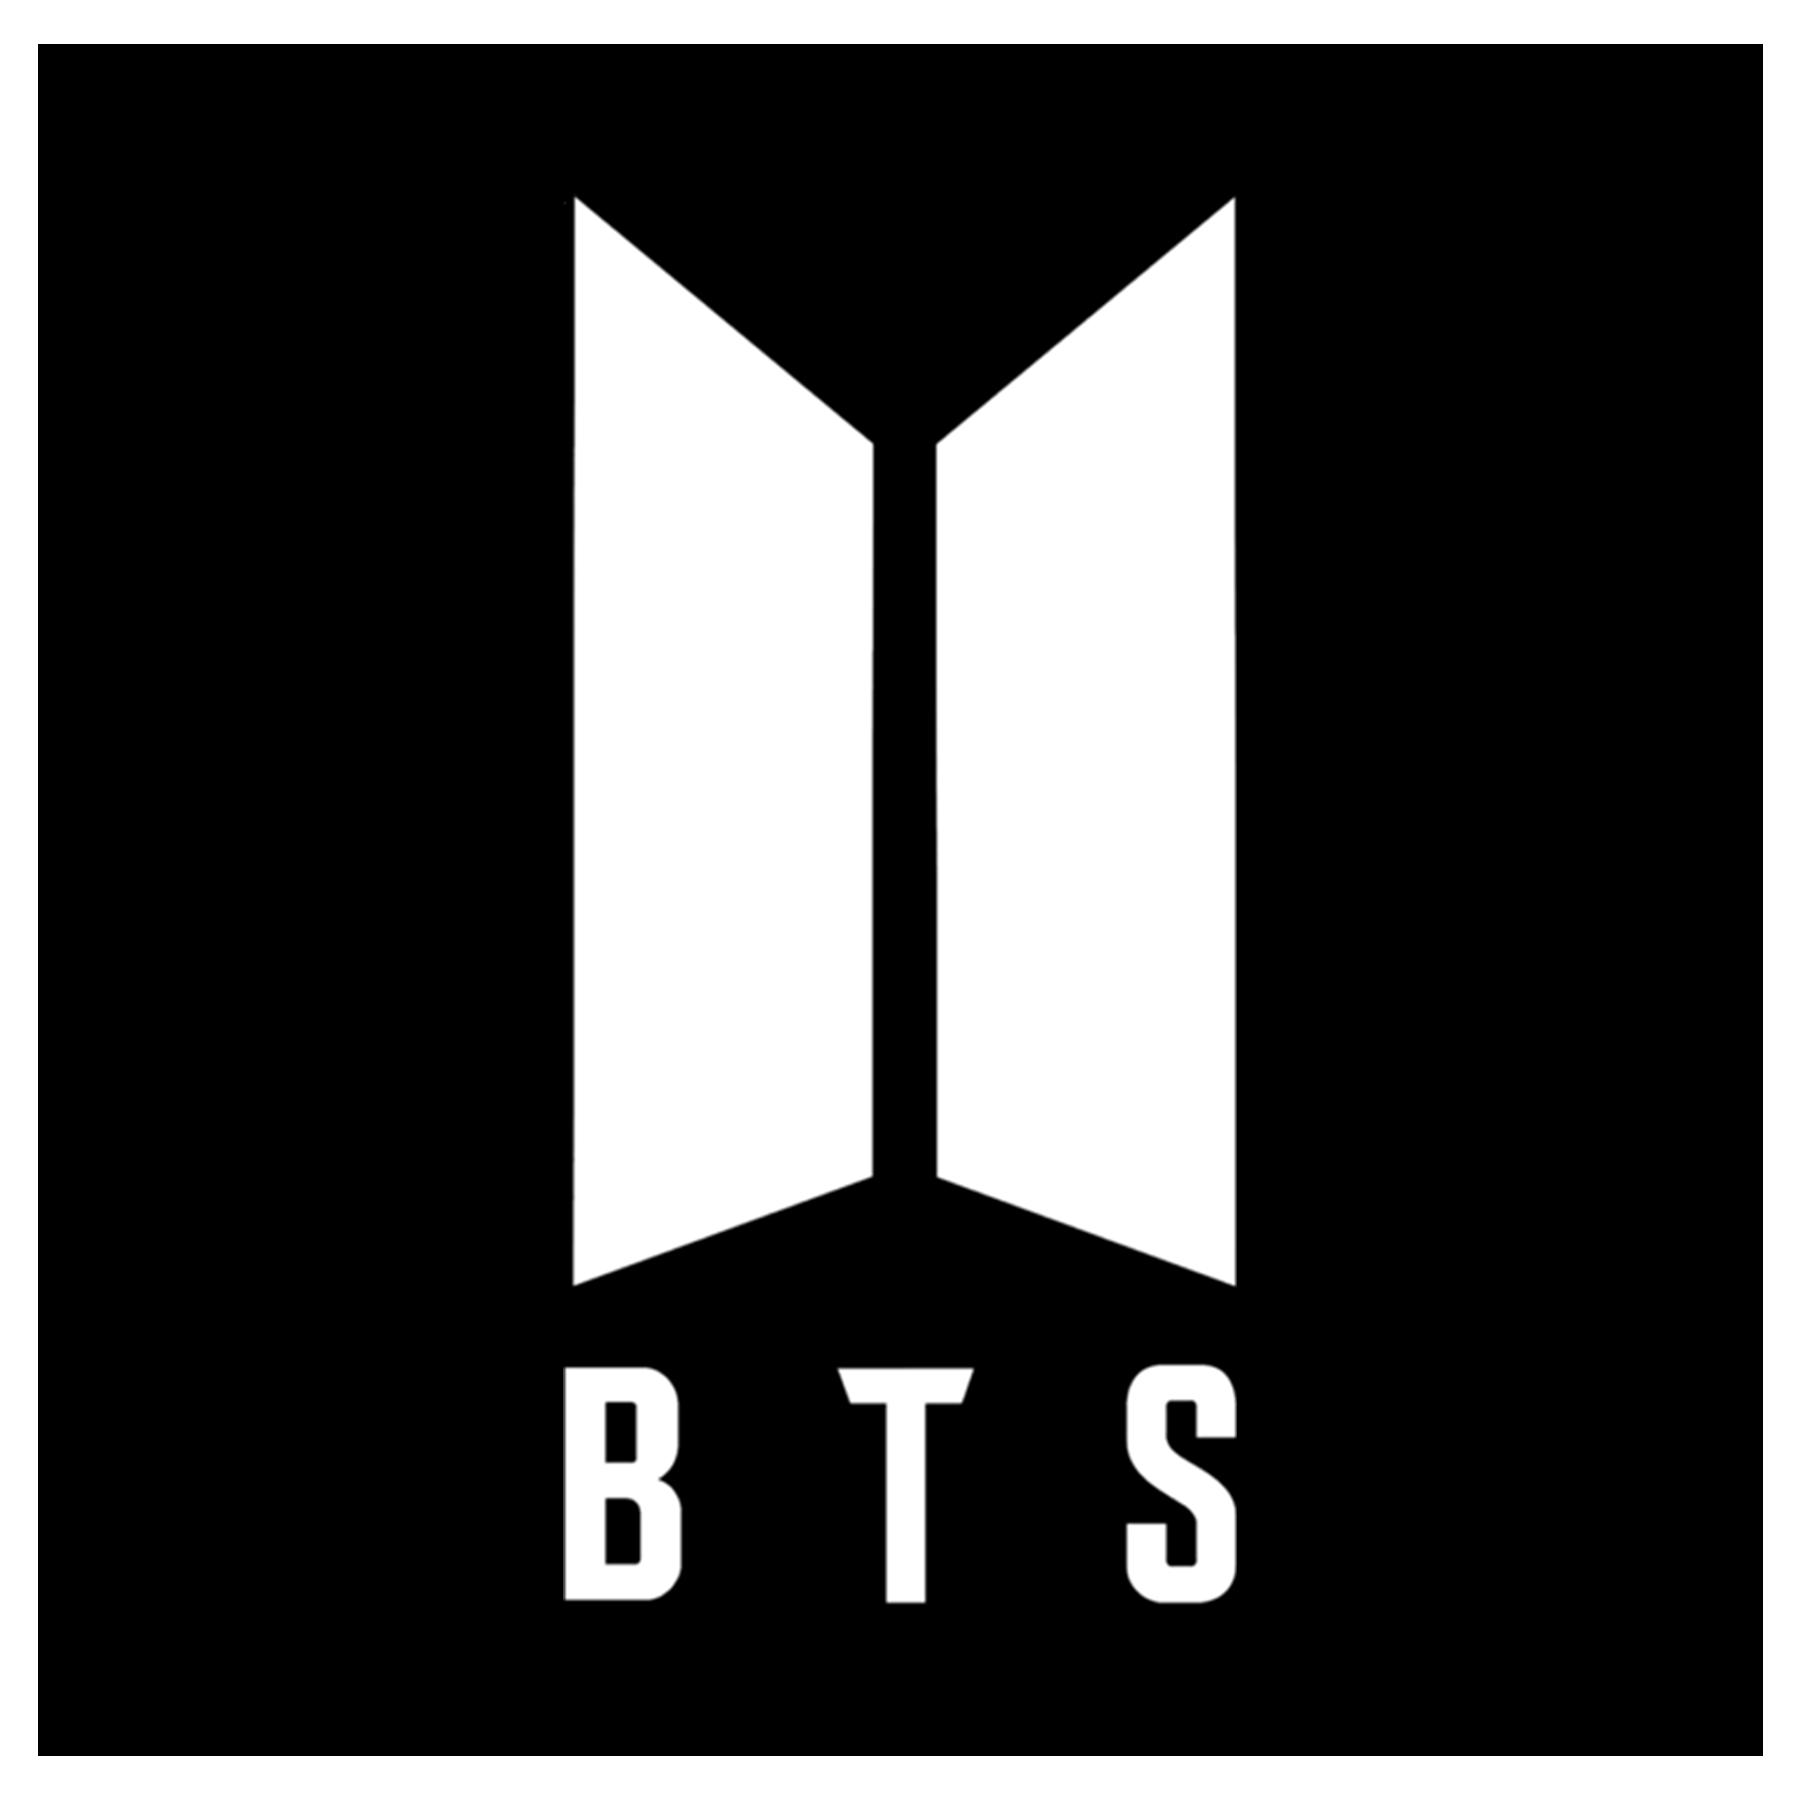 File:BTS logo (2017).png.